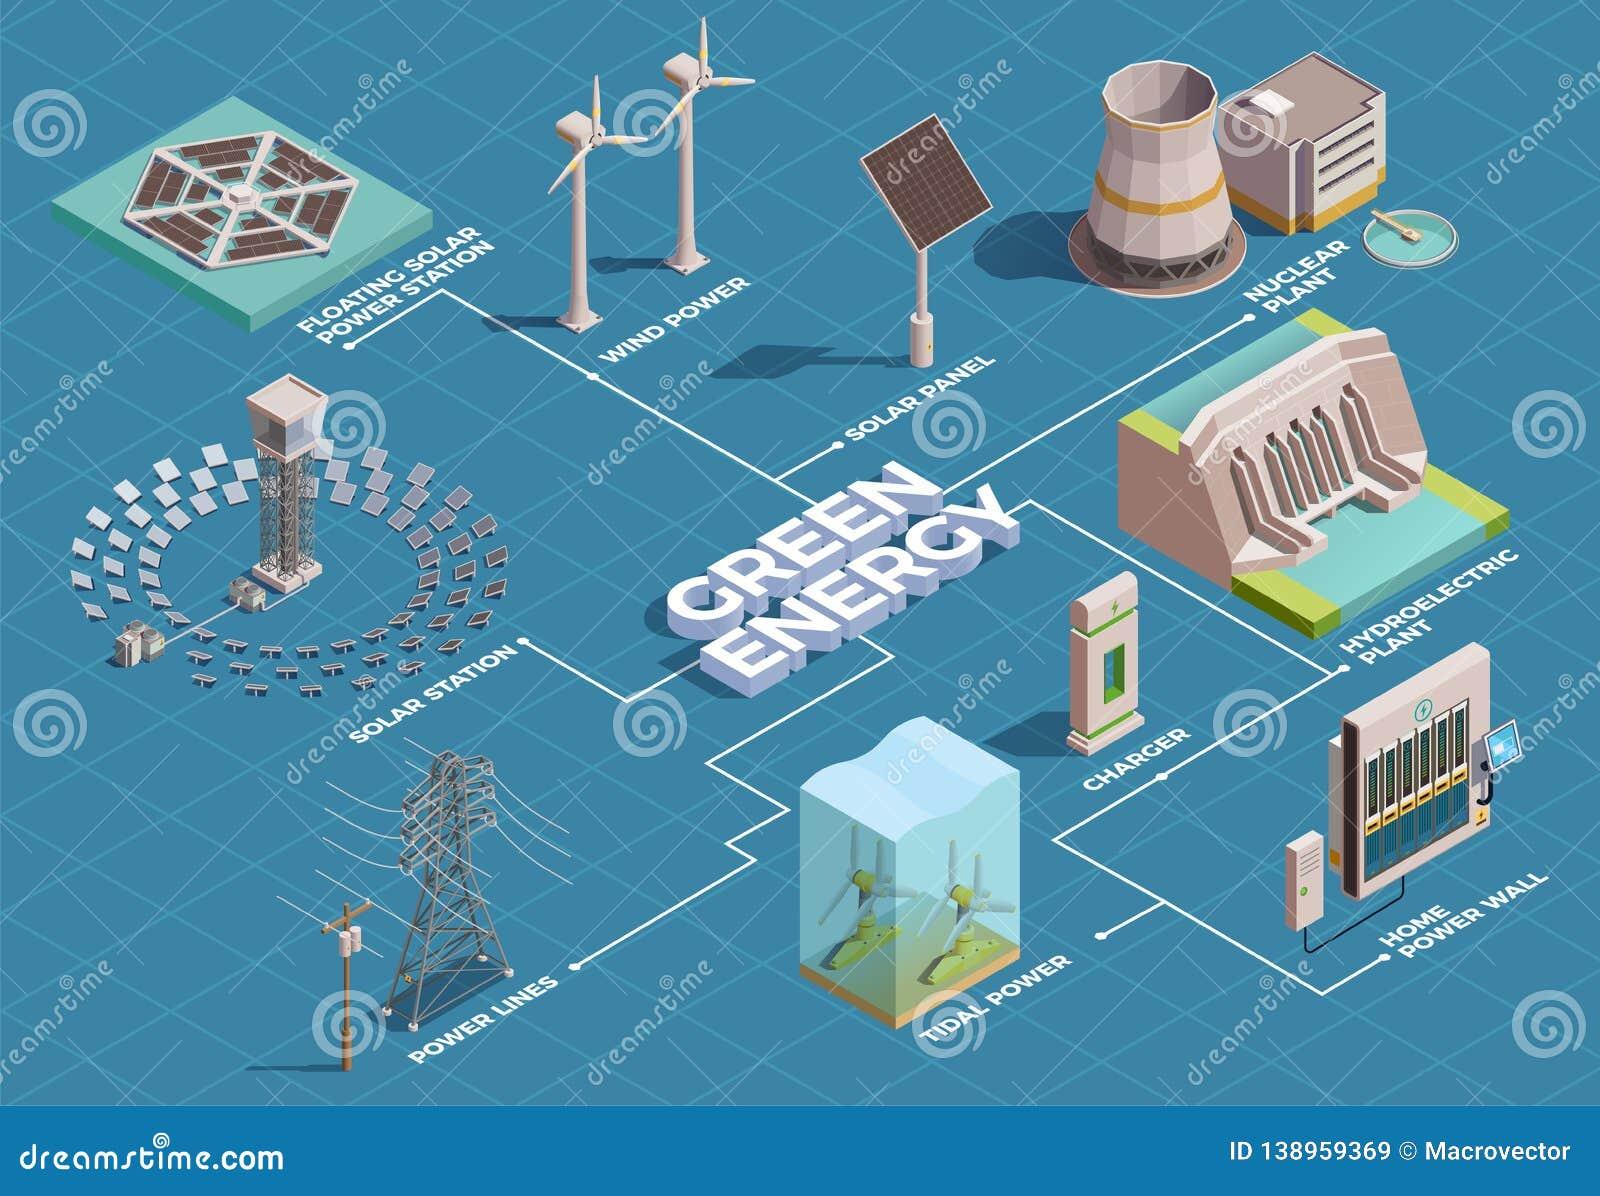 Green Energy Isometric Flowchart